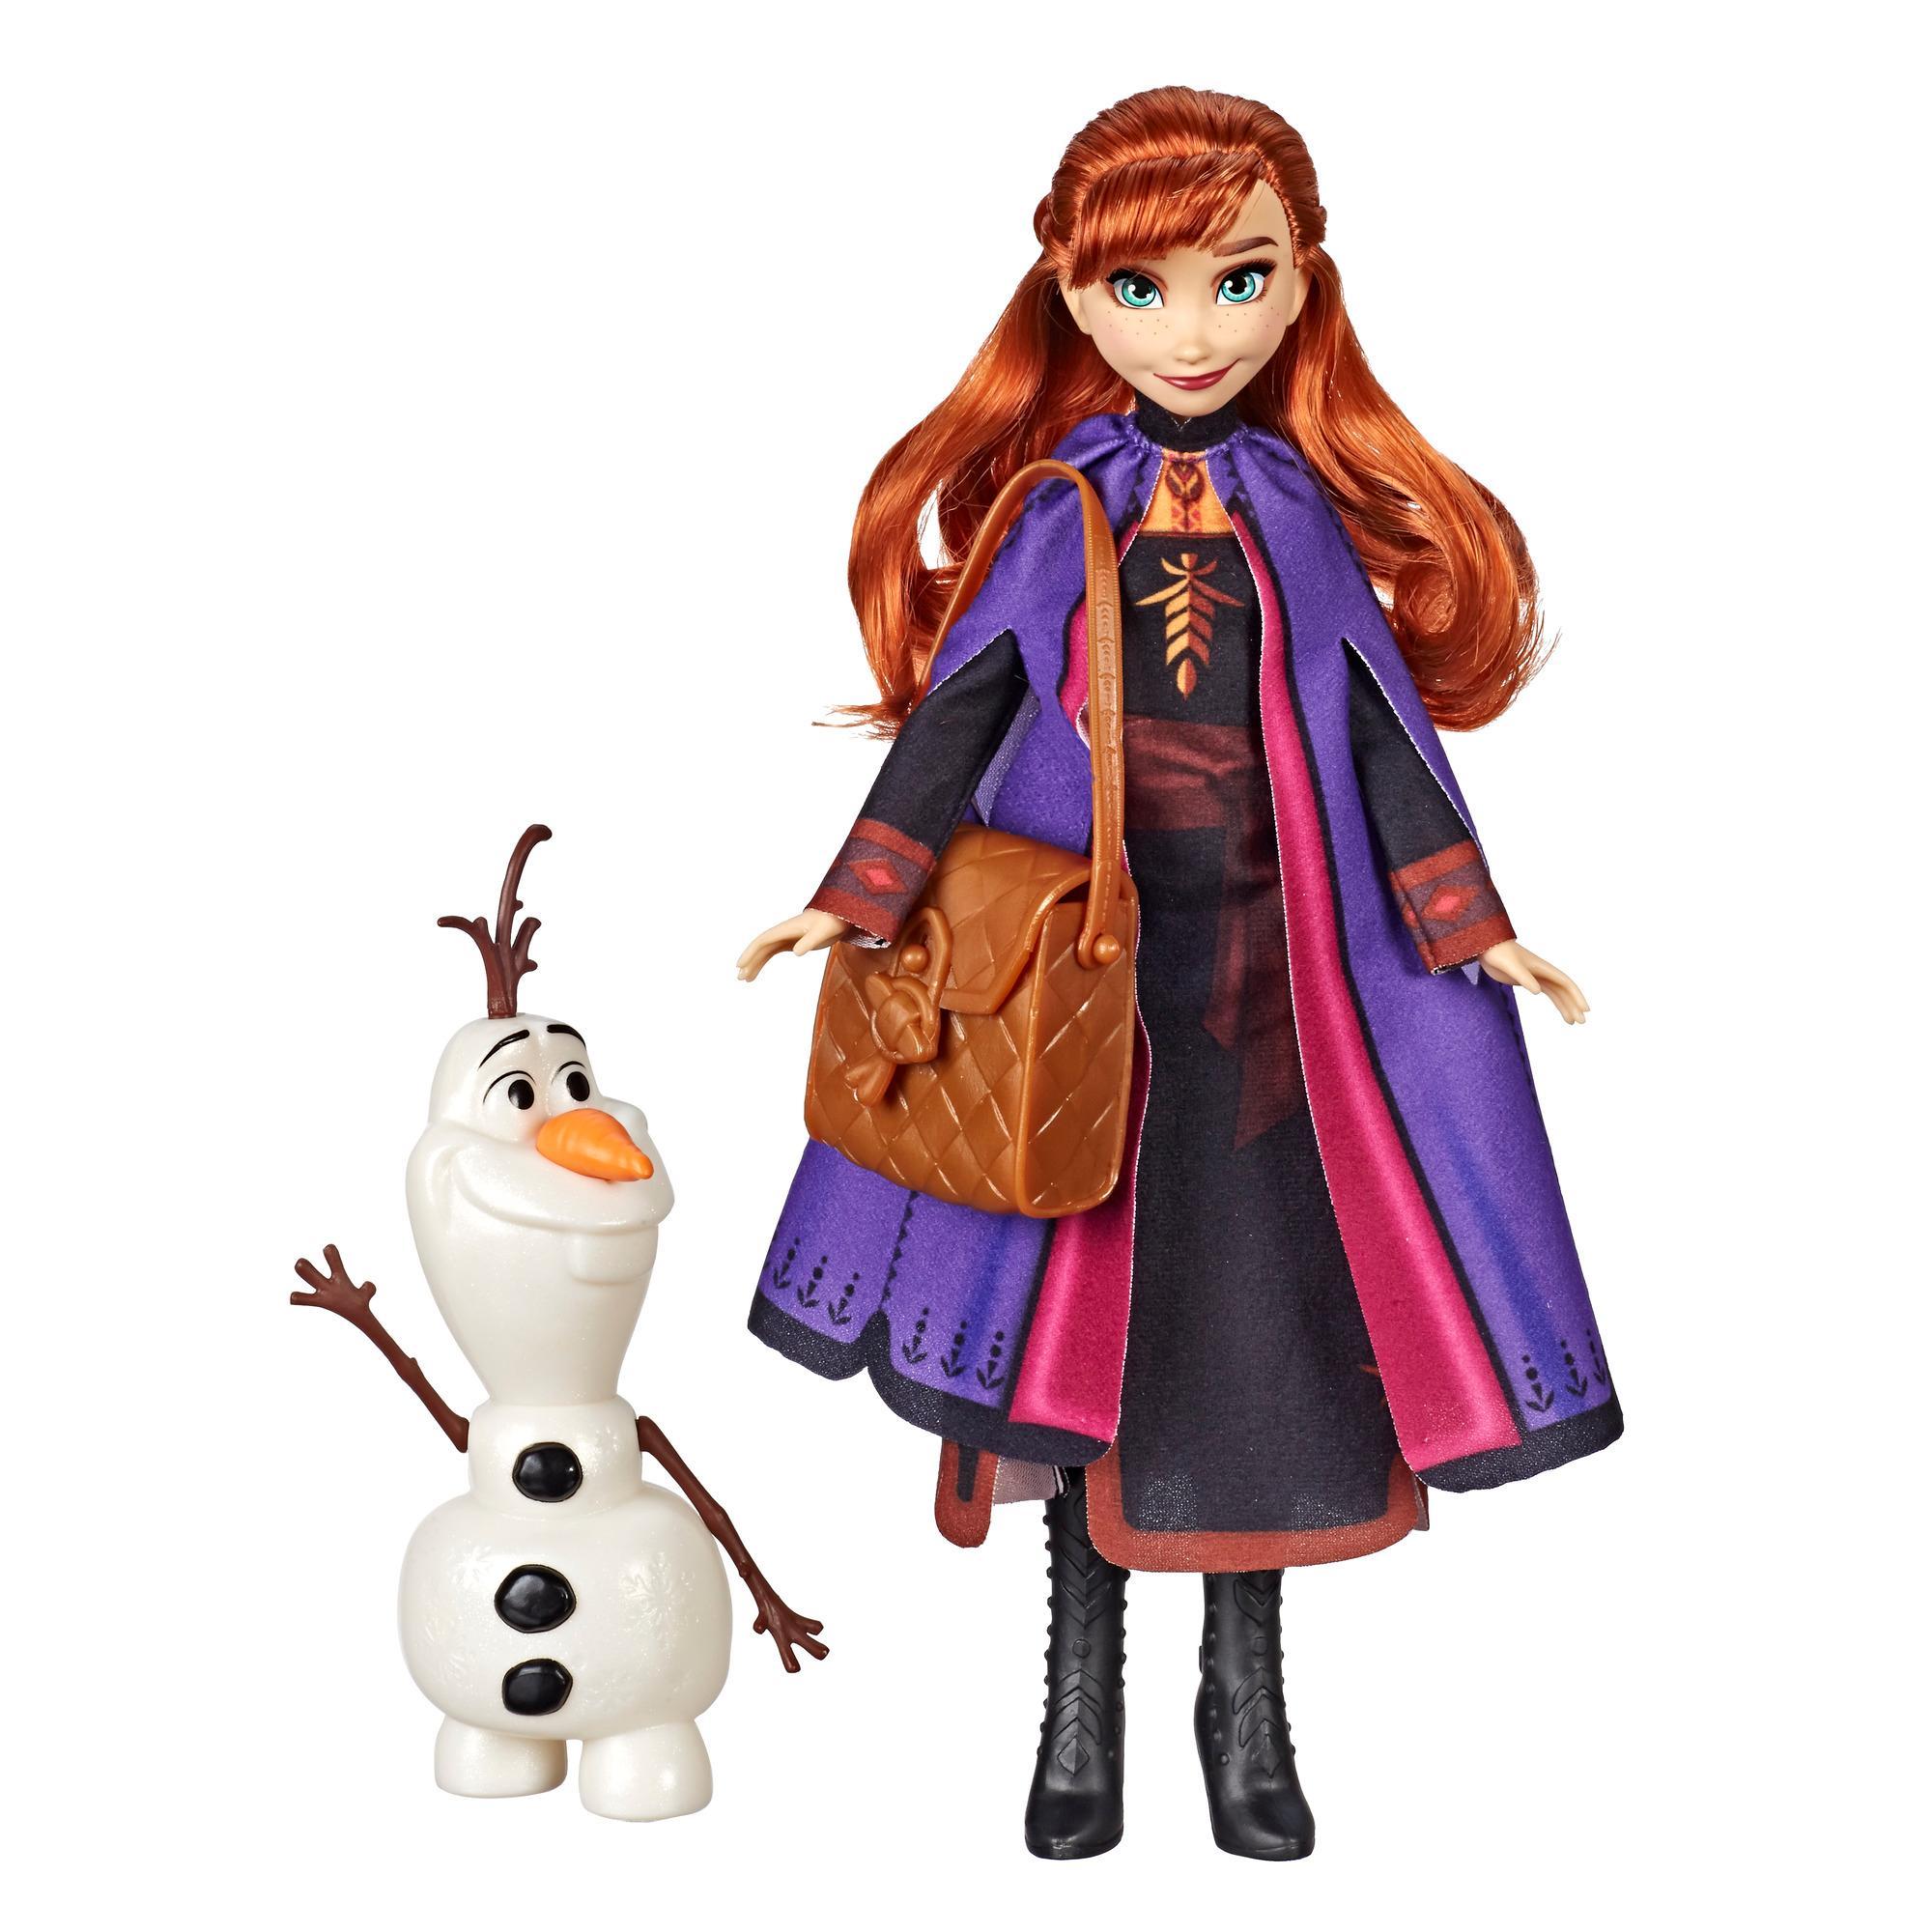 Disney Die Eiskönigin Anna Puppe mit Olaf und Tasche, inspiriert durch den Film Die Eiskönigin 2